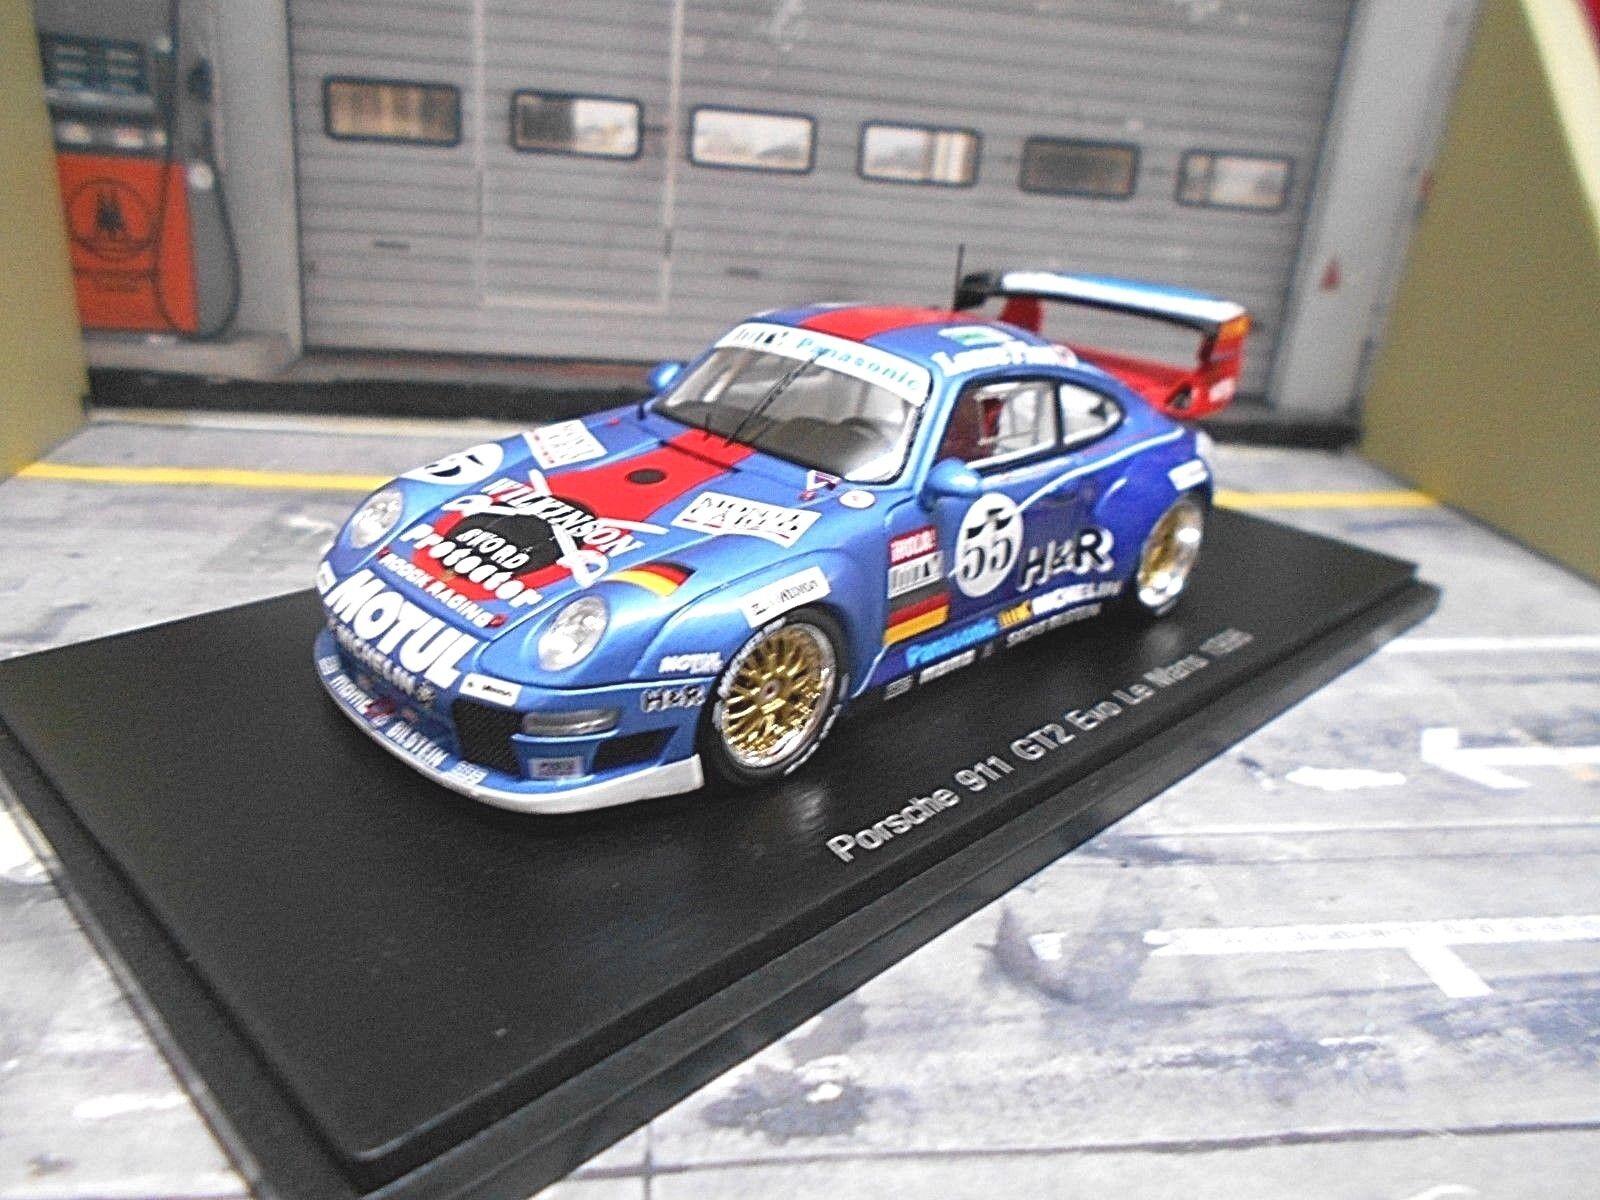 PORSCHE 911 993 gt2 Le Mans 1996  55 Jarier Pareja h&r winkinson SPARK 1 43